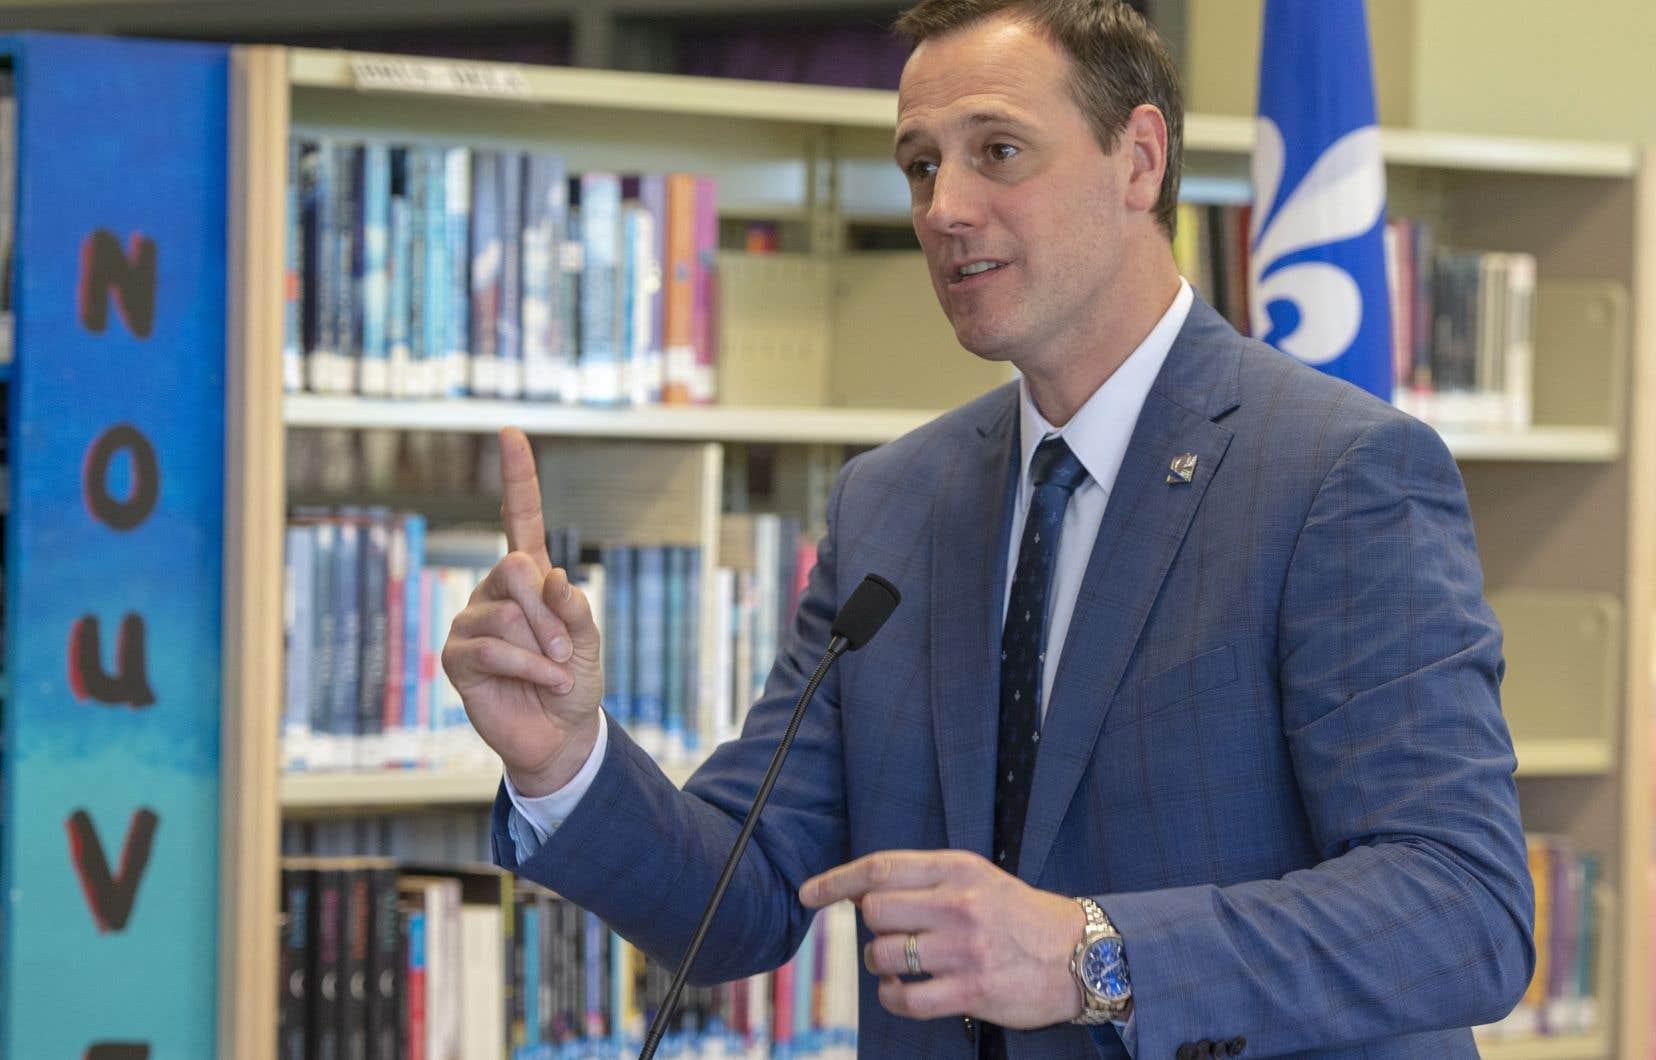 Le ministre Jean-François Roberge affirme qu'il veut donner toute la marge de manœuvre aux directions d'école pour offrir les services aux élèves.